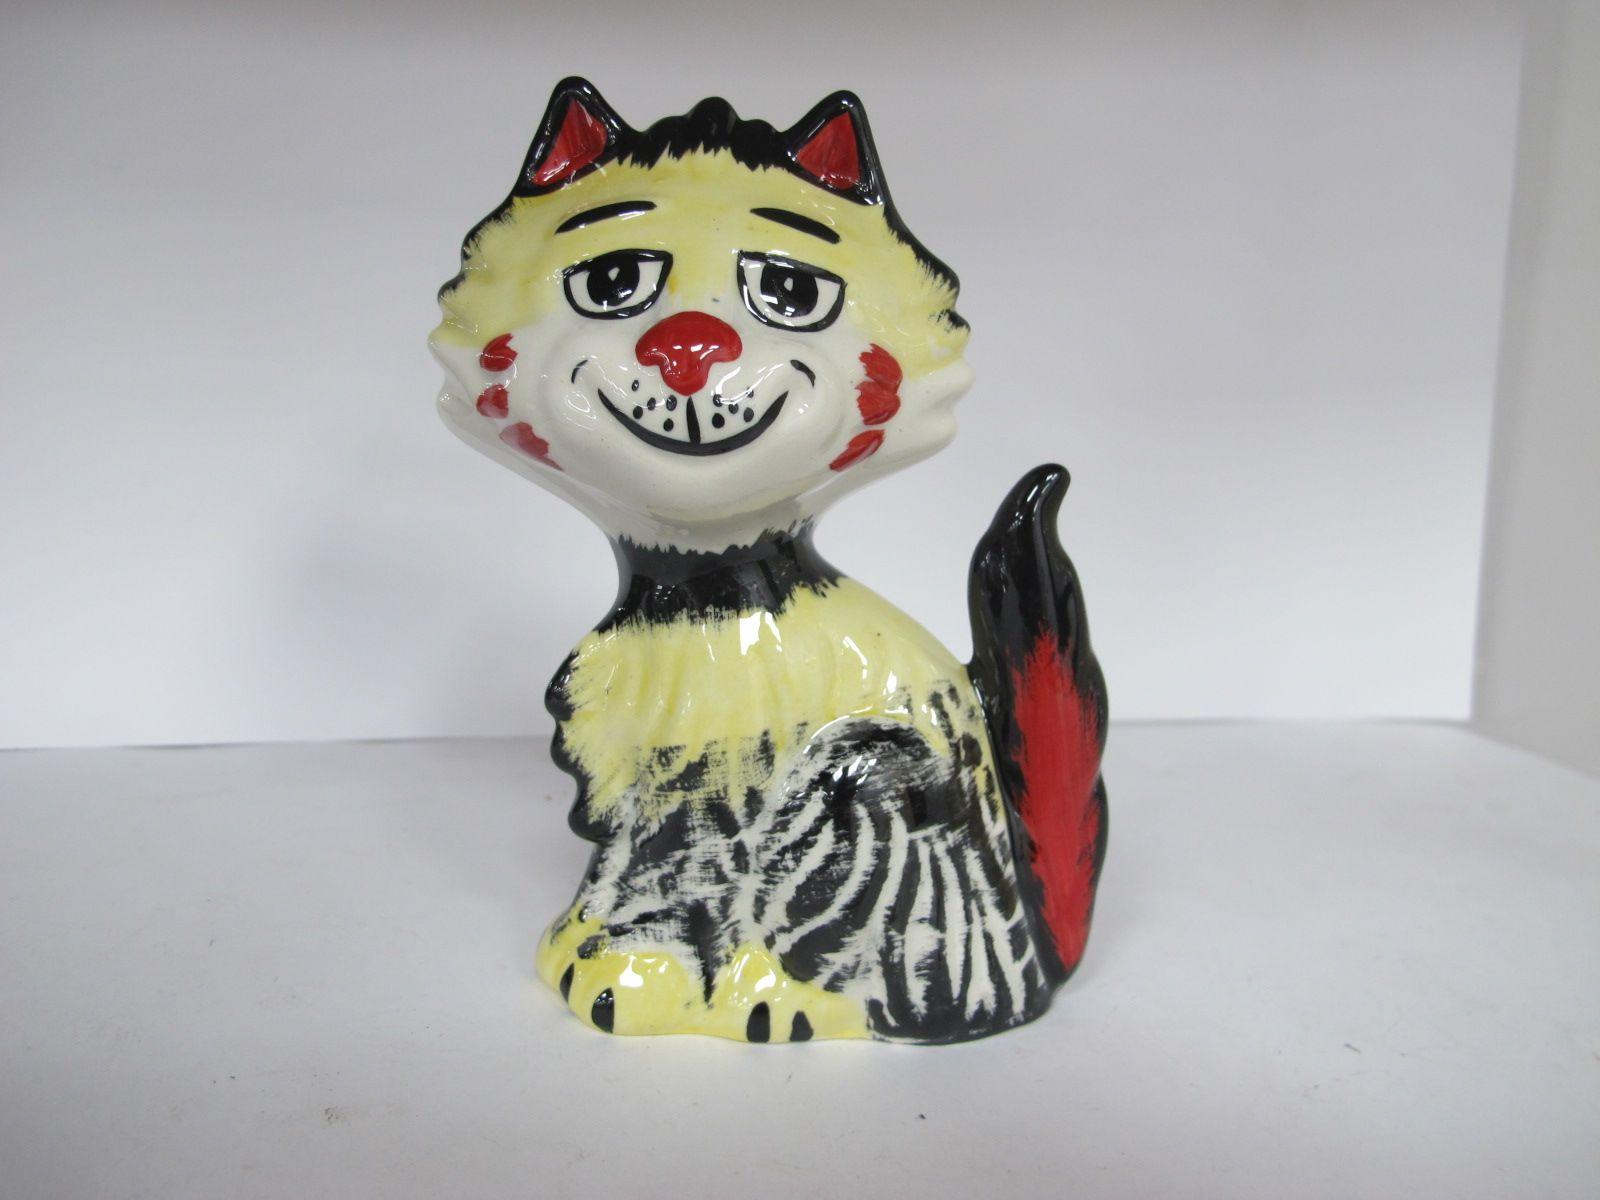 Lorna Bailey - Shaggy the Cat, 13cm high.